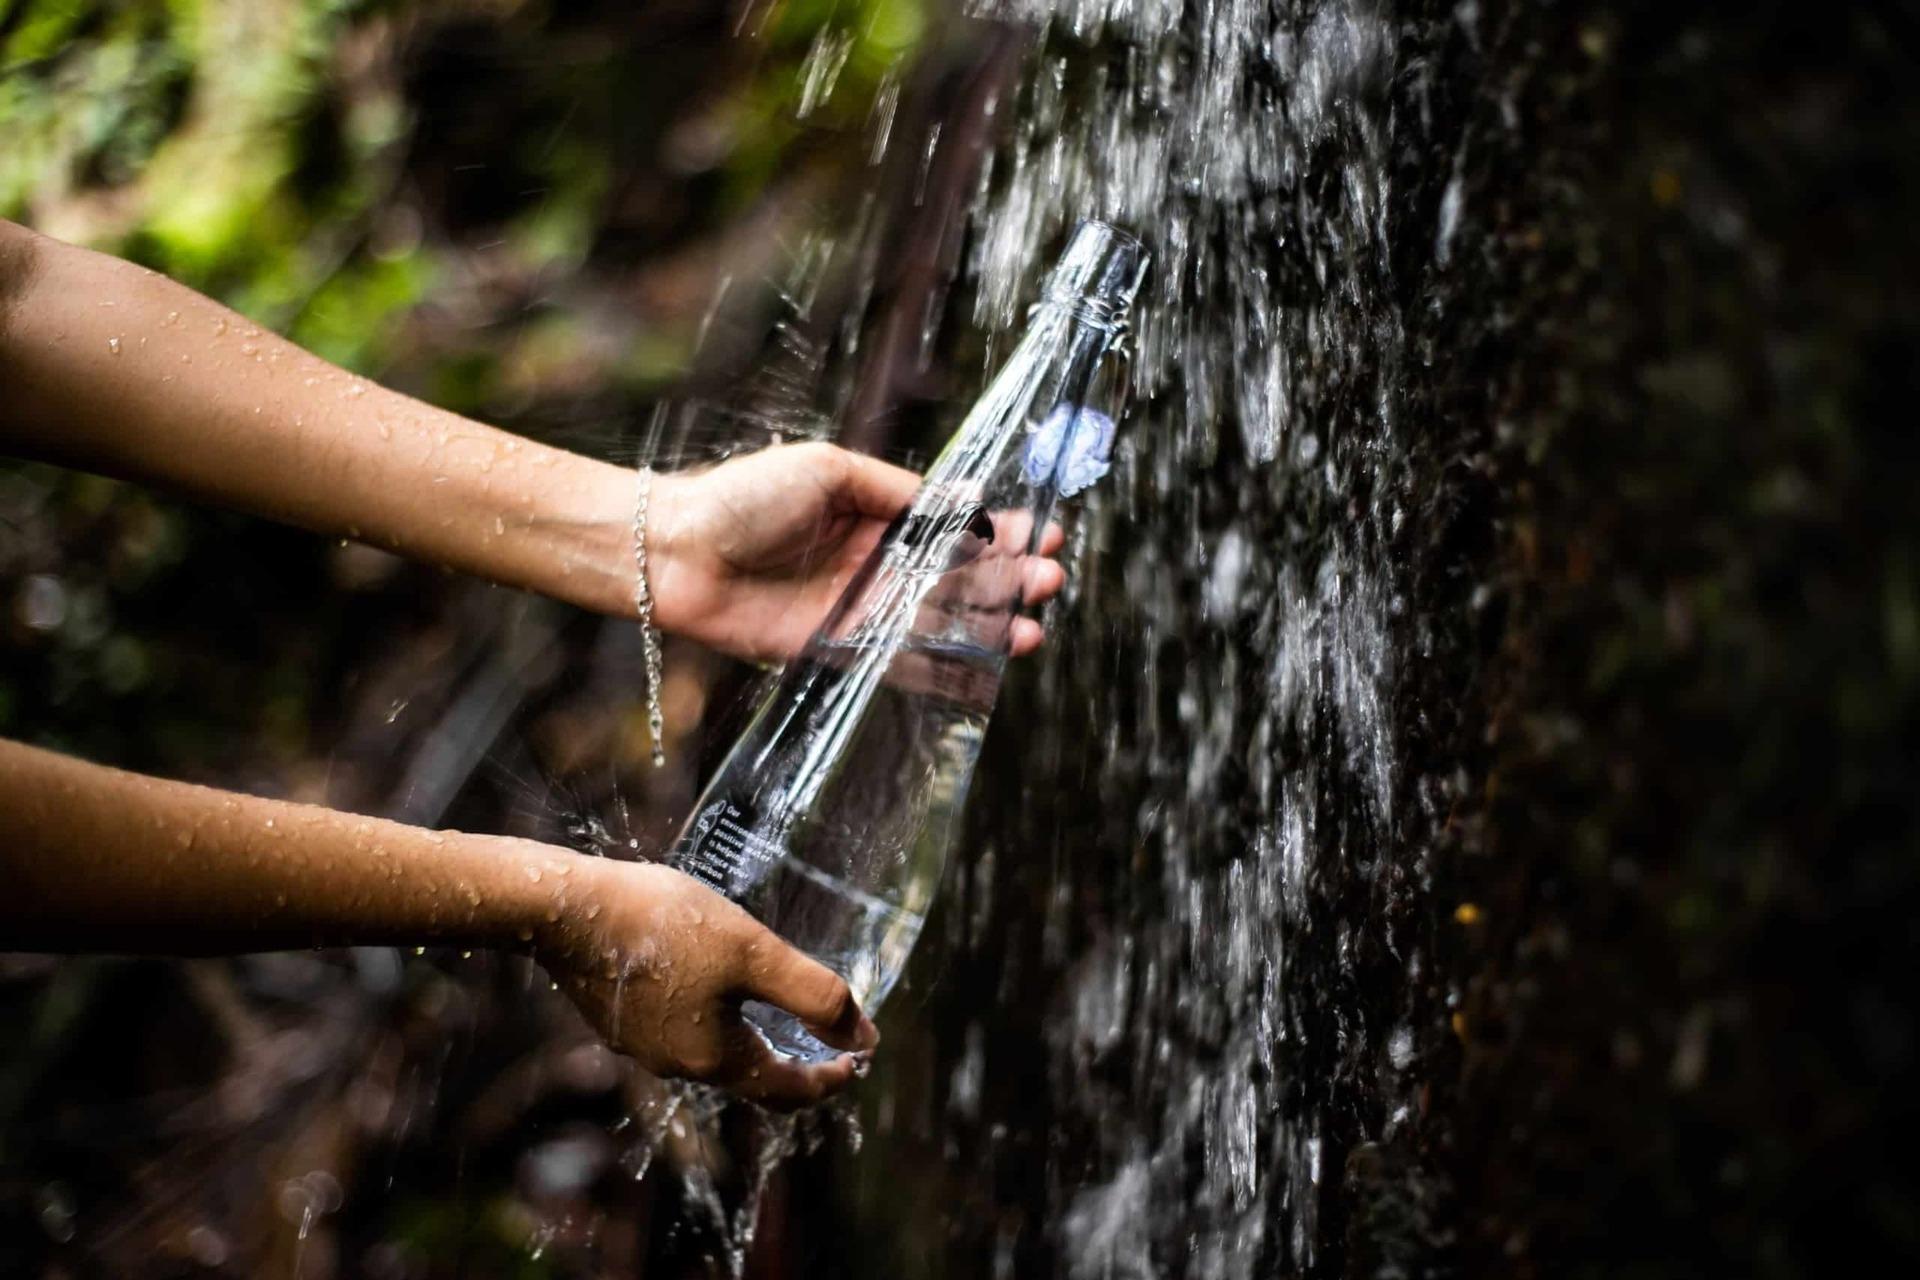 Готель бутилює власну екологічно чисту воду на острові (газовану / негазовану) та надає воду безкоштовно під час проживання гостей, в тому числі під час сніданків, обідів та вечерь.